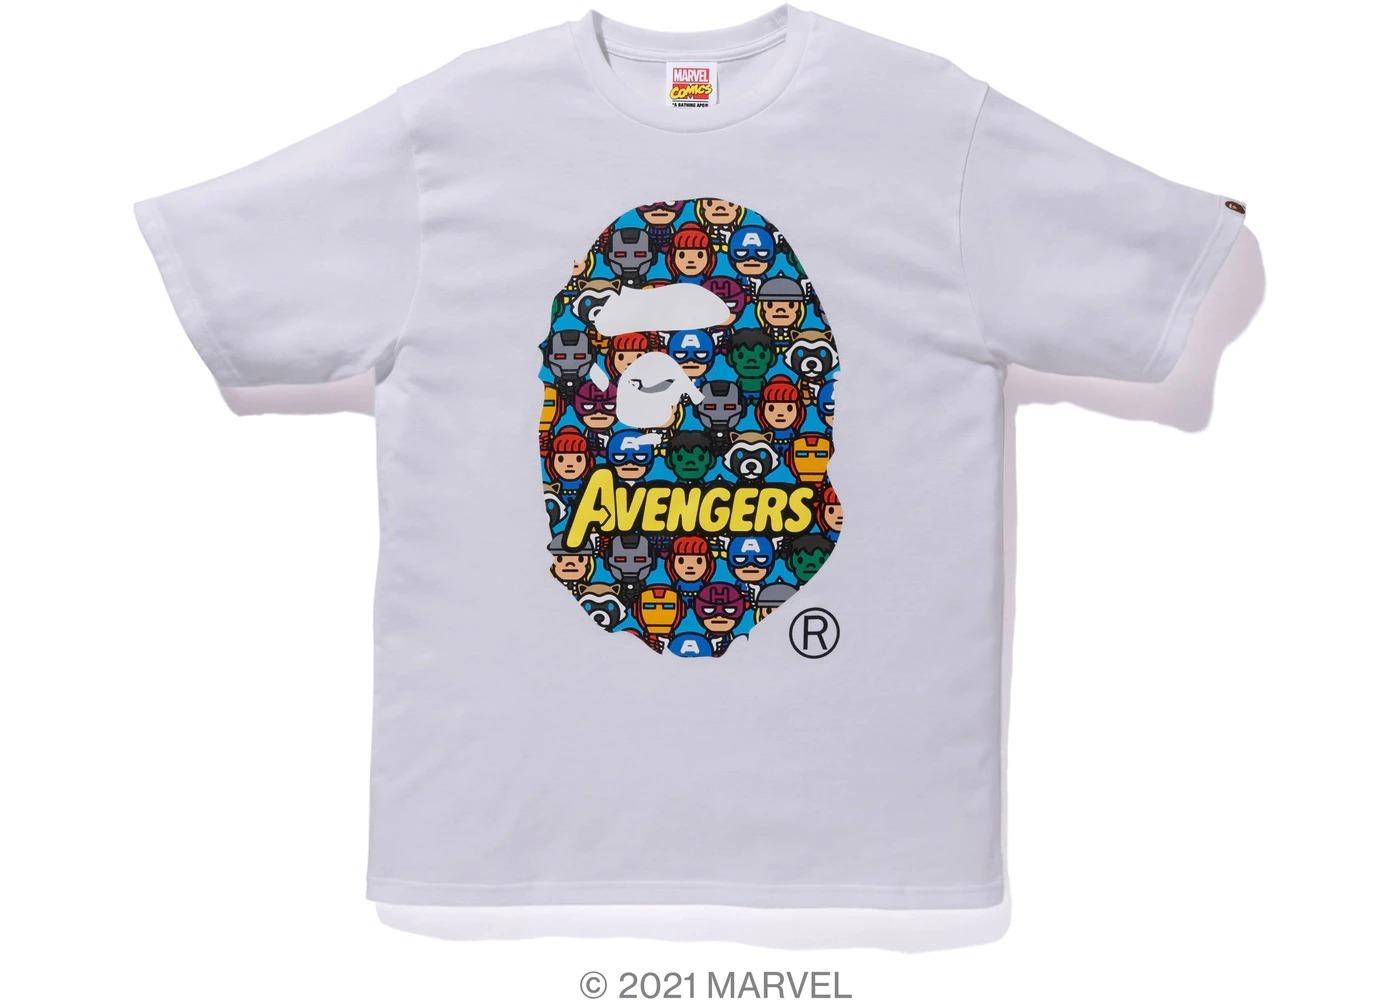 Bape x Marvel Comics Avengers Ape Head Tee White (SS21)の写真